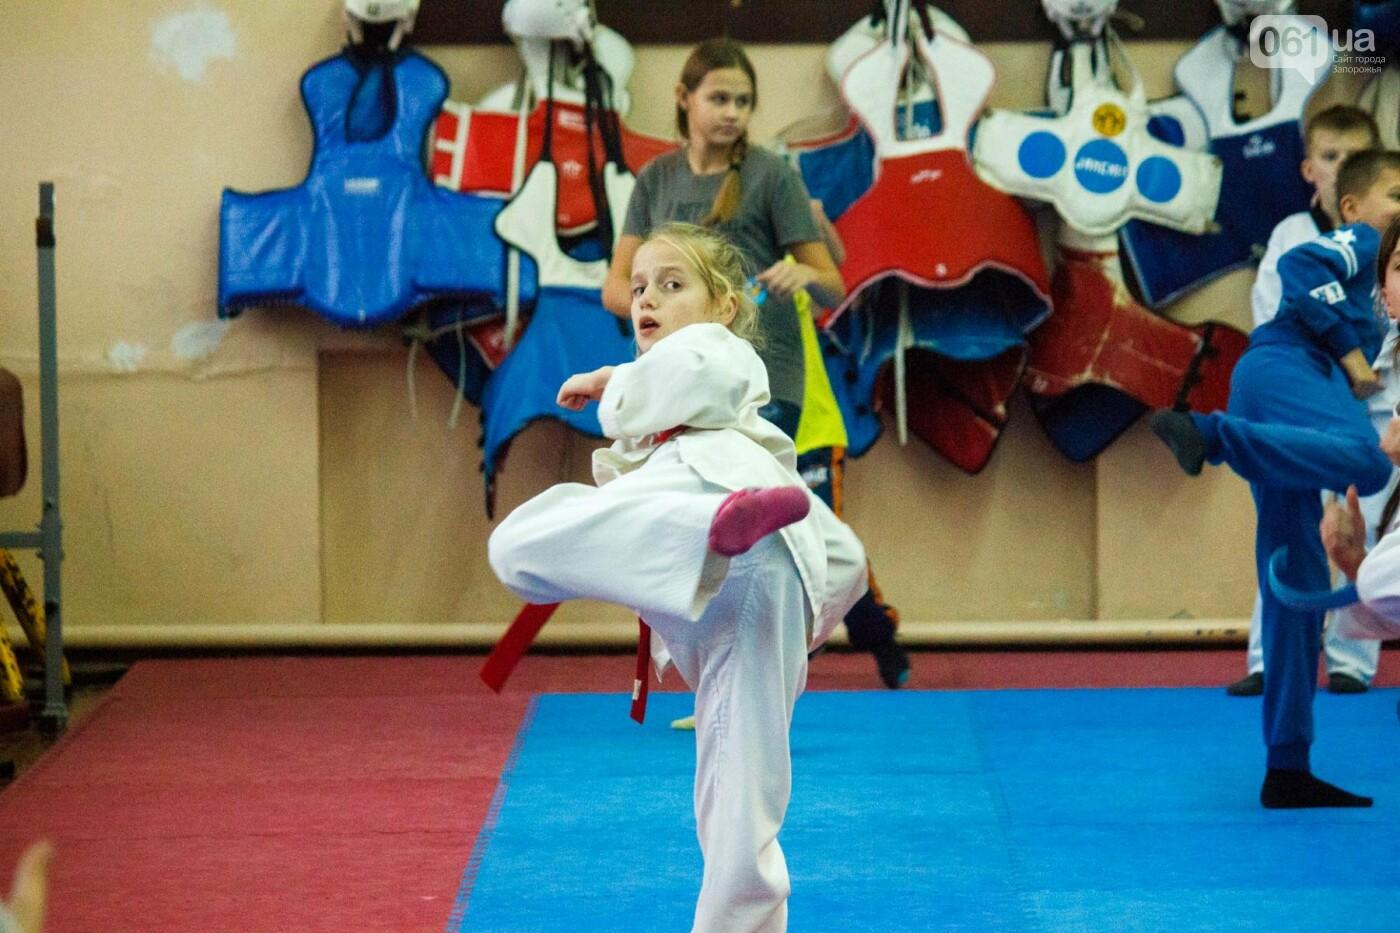 В Запорожье пятикратная чемпионка мира живет у подруги и не может собрать деньги на операцию: история Виктории Марчук, фото-12